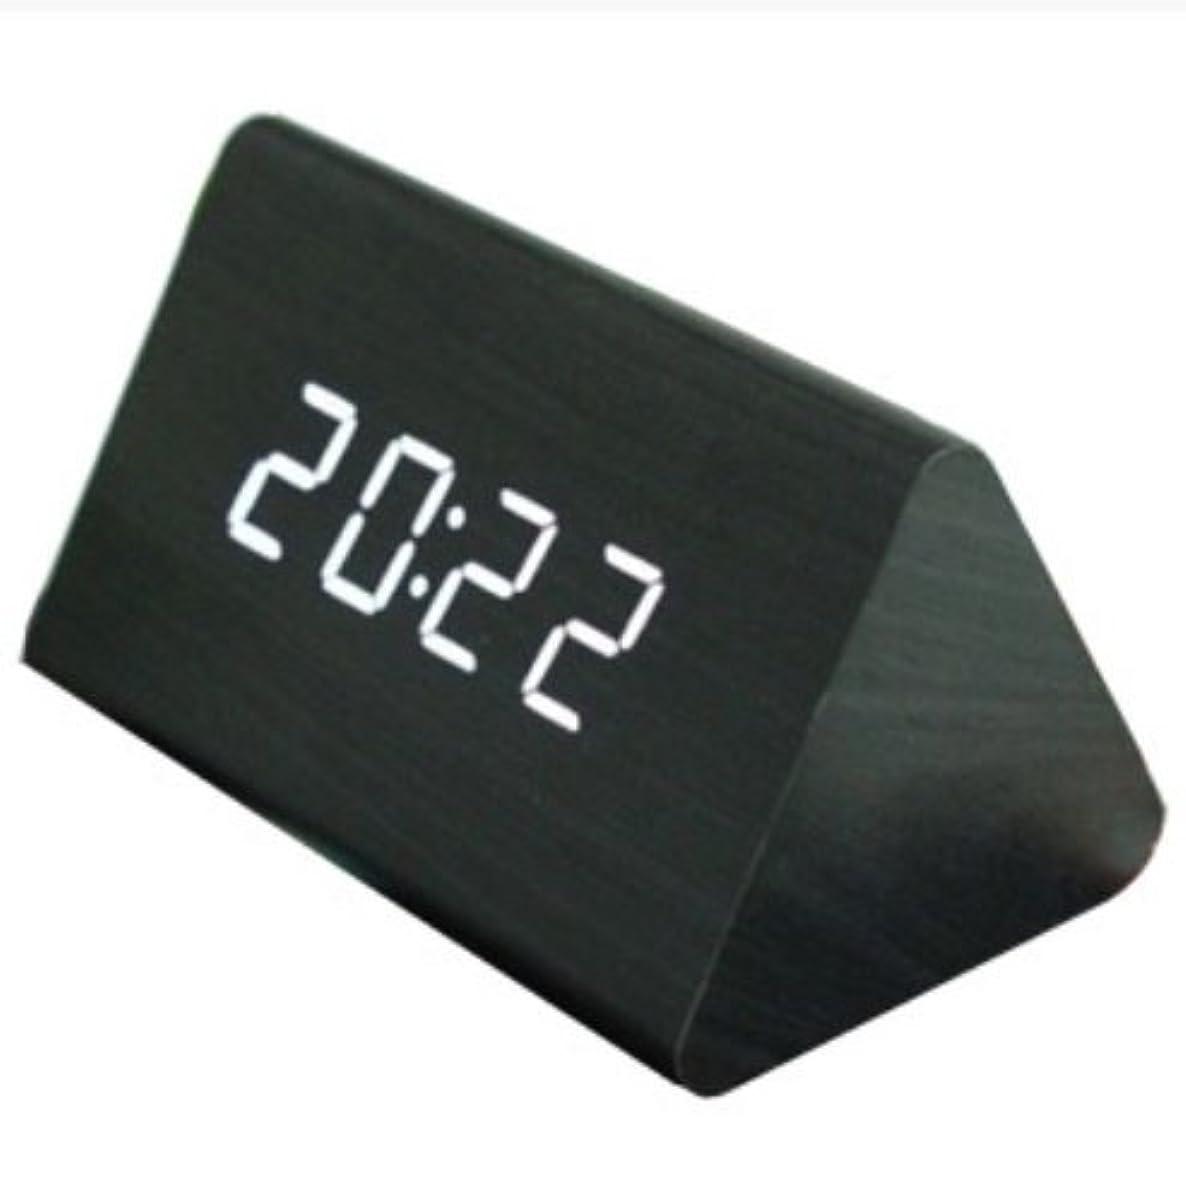 [해외] 멋쟁이 ♪【전3컬러】우드 그레인 다기능 LED 디지털 시계 음성 감지 자명종 탁상시계 clock 라이트의 색도 선택할 수 있! 컬러 베리에이션【블랙 검정/ 화이트화이트/ 브라운 묽은 차】